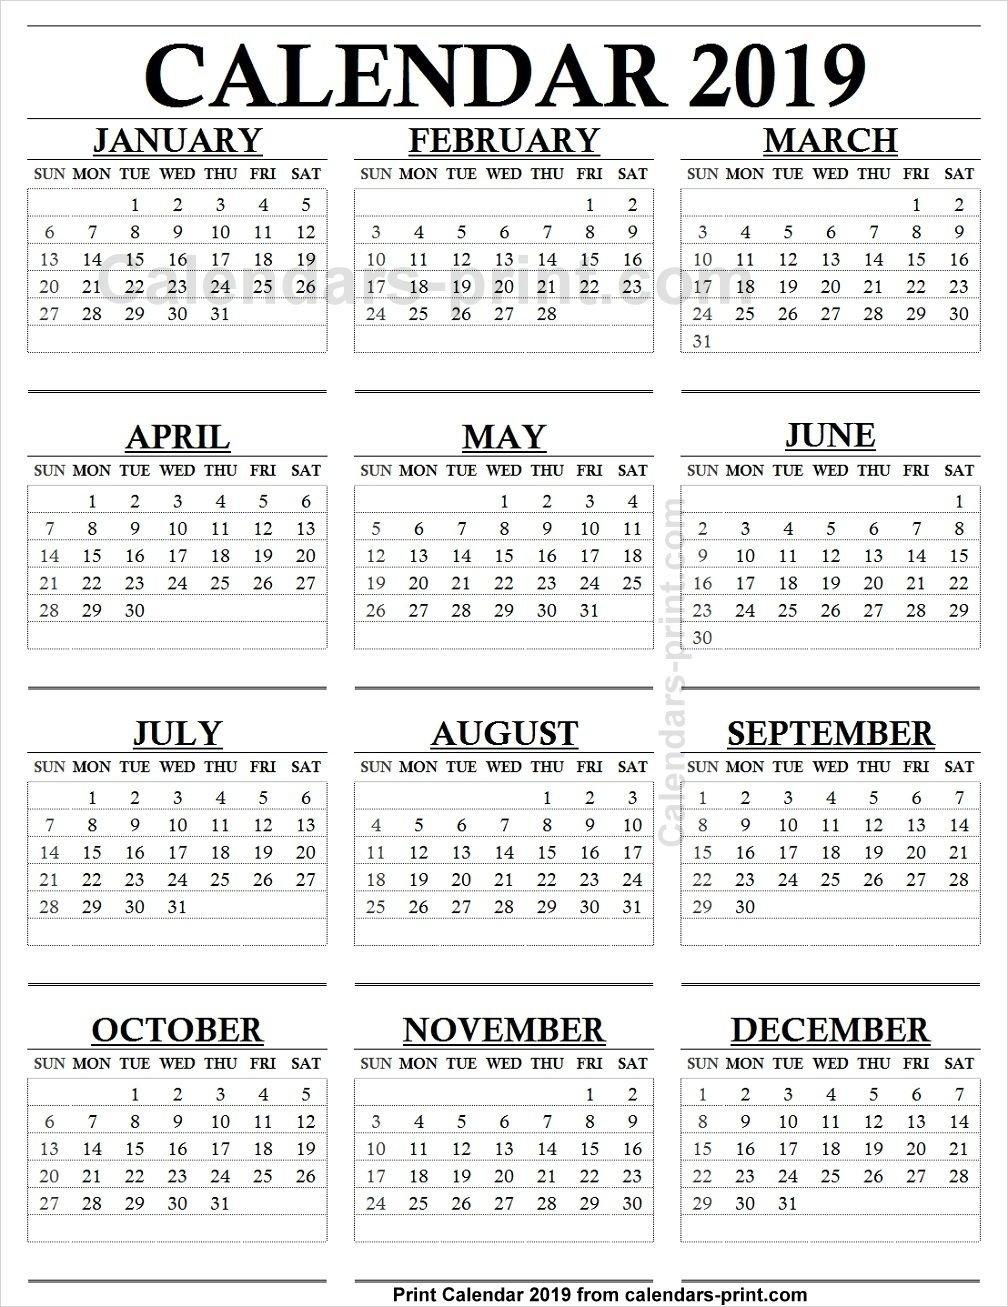 12 Month Calendar 2019 One Page | 2019 Yearly Calendar | Calendar Calendar 2019 12 Months